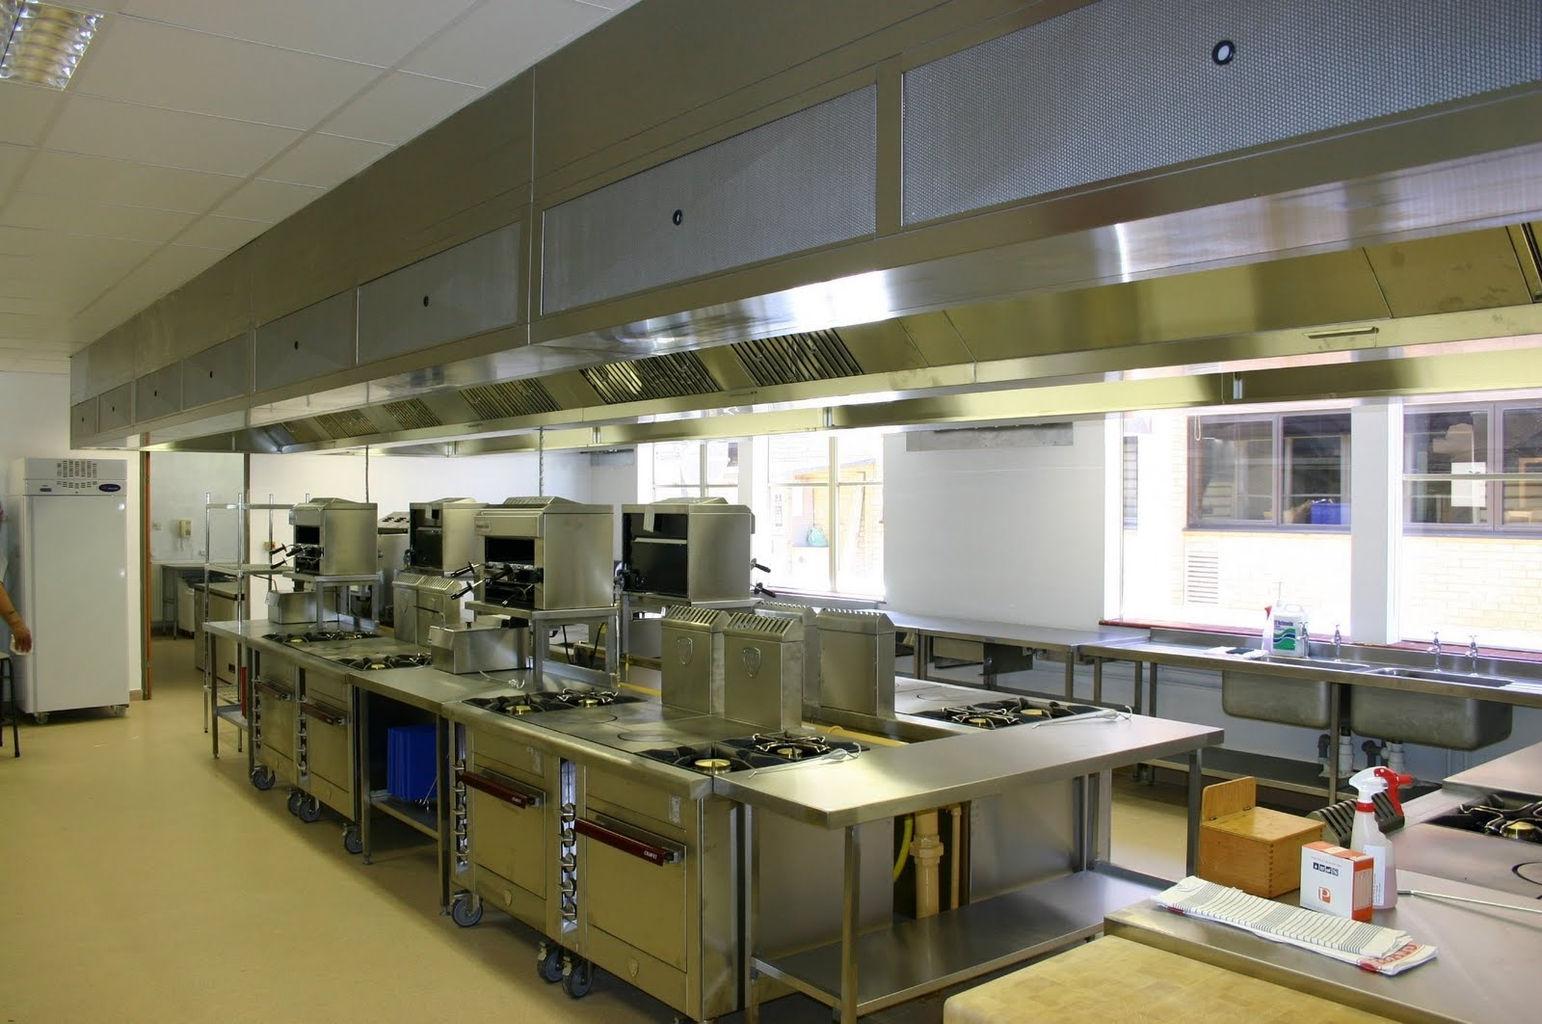 Indumentarias del sur uniformes para empresas sastreria for Cocinas industriales